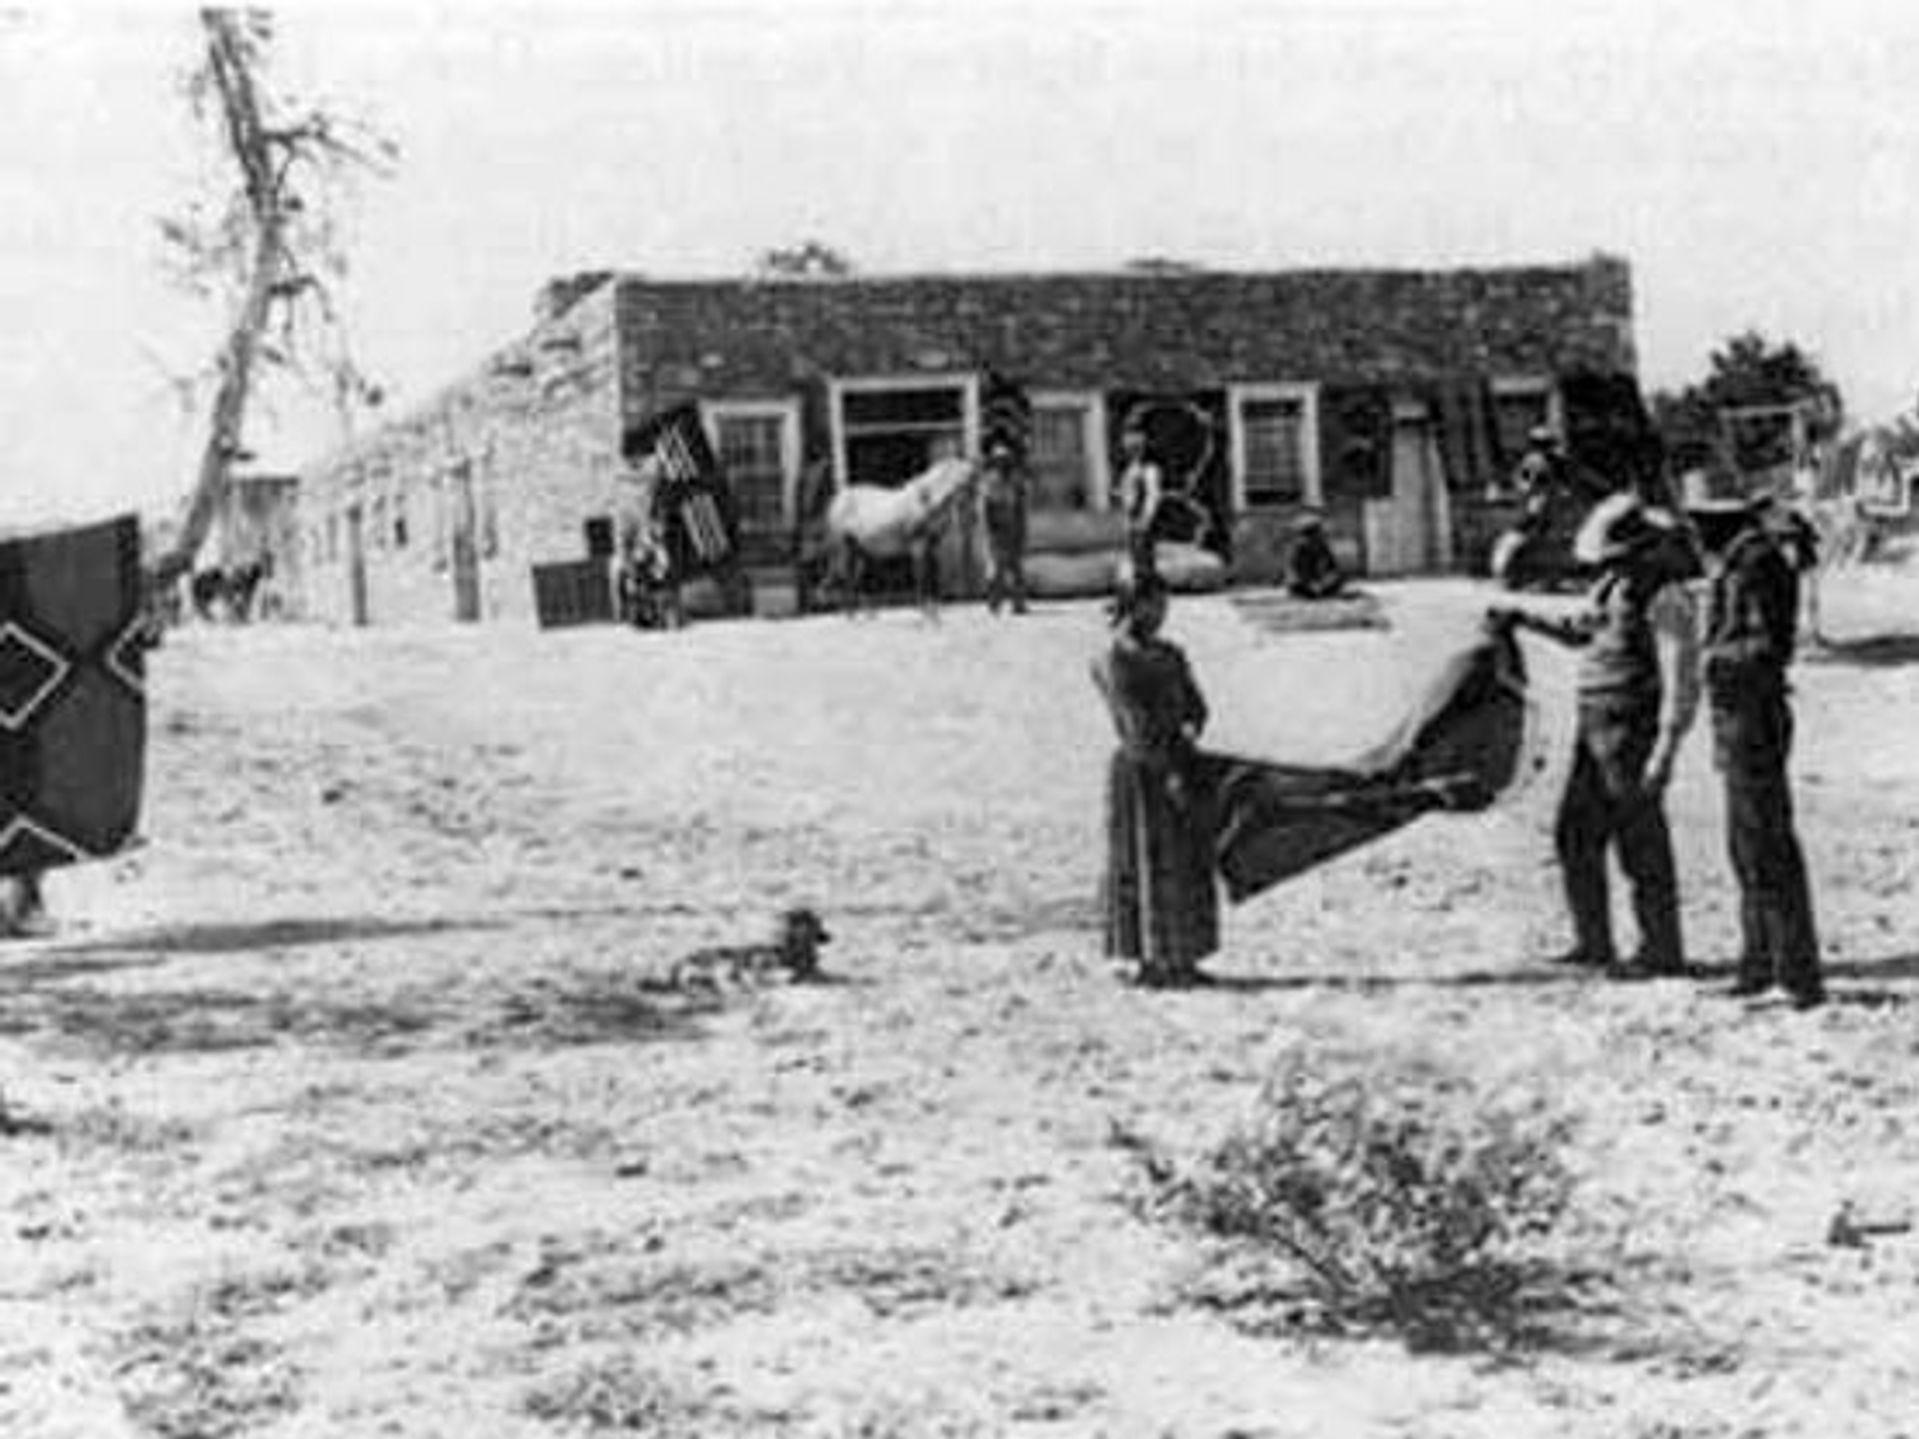 John Lorenzo Hubbell, visto sosteniendo un extremo de una alfombra, en el puesto comercial de Hubbell en la década de 1890.